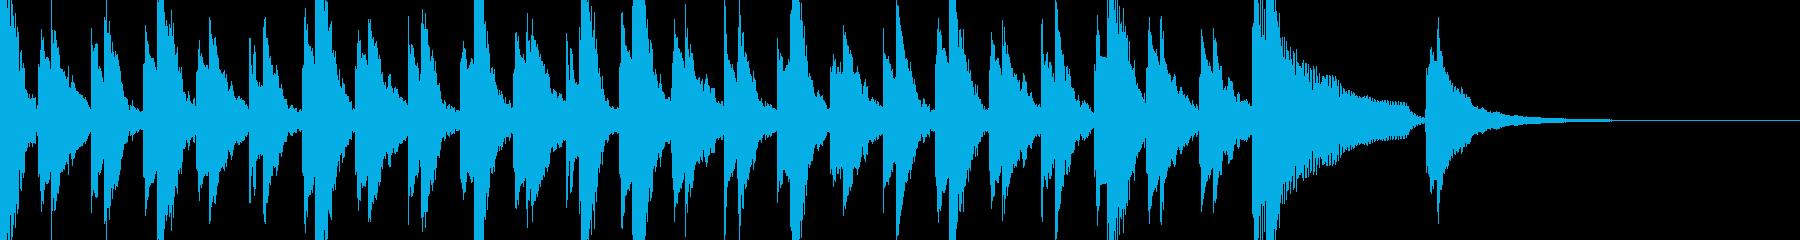 ピアノとベルのジングル 3拍子の再生済みの波形